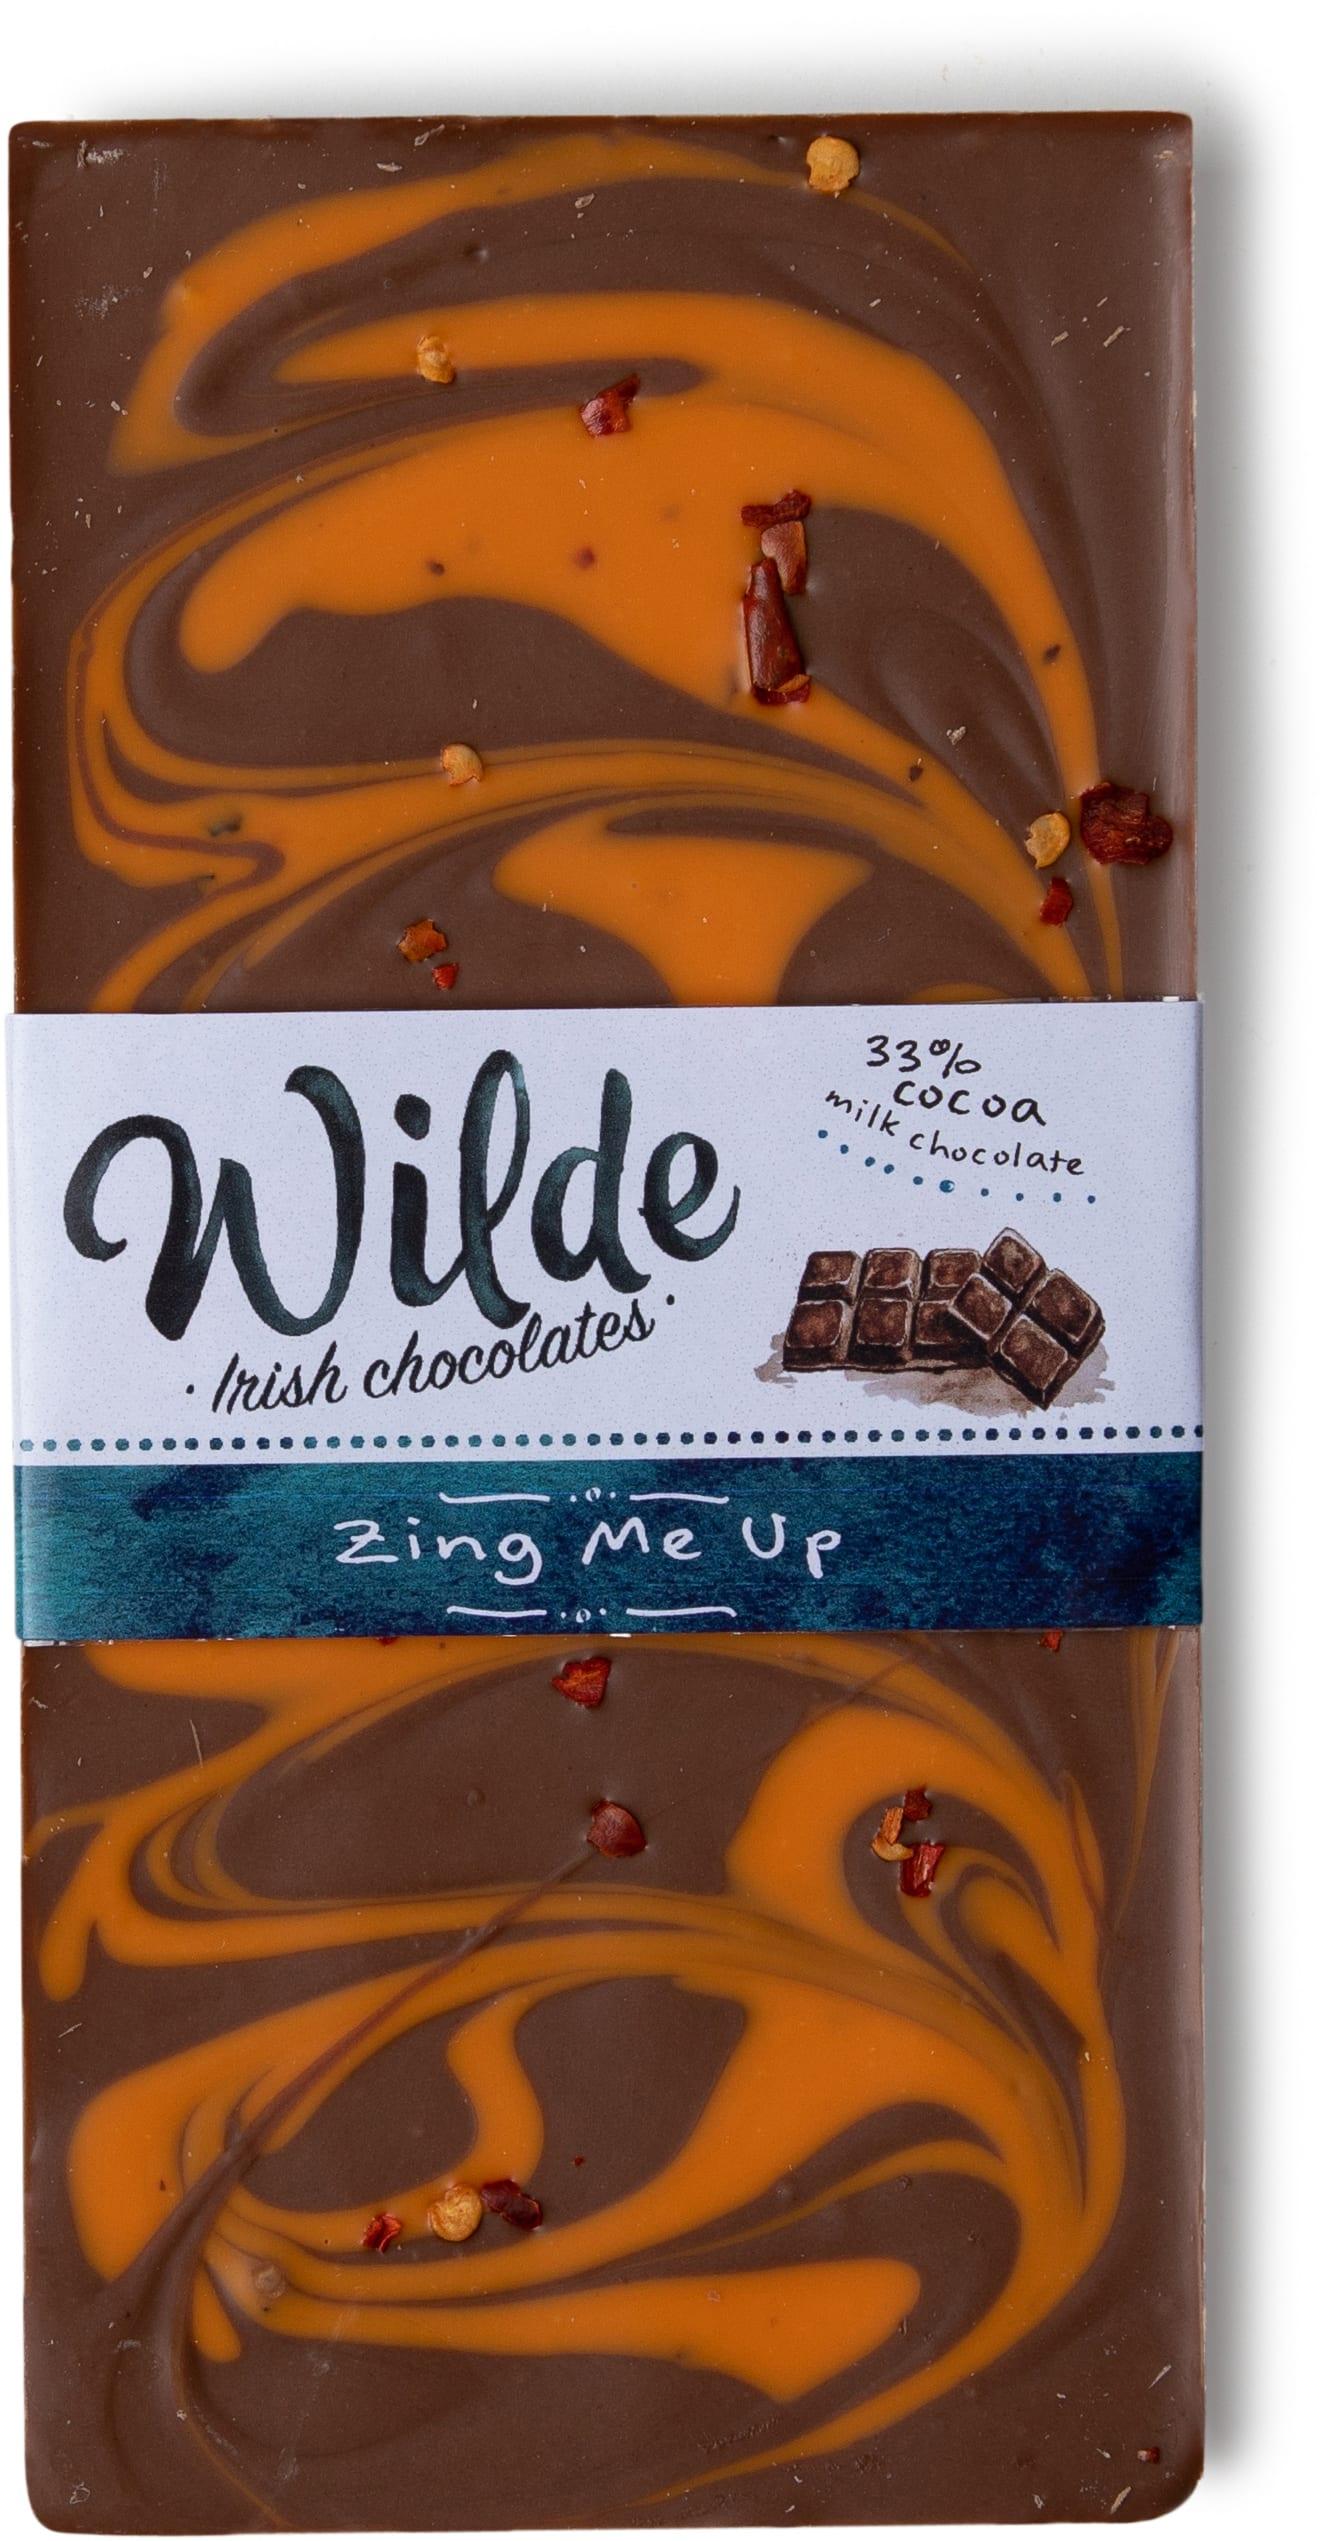 zing me up chocolate bar - Wilde Irish Chocolates